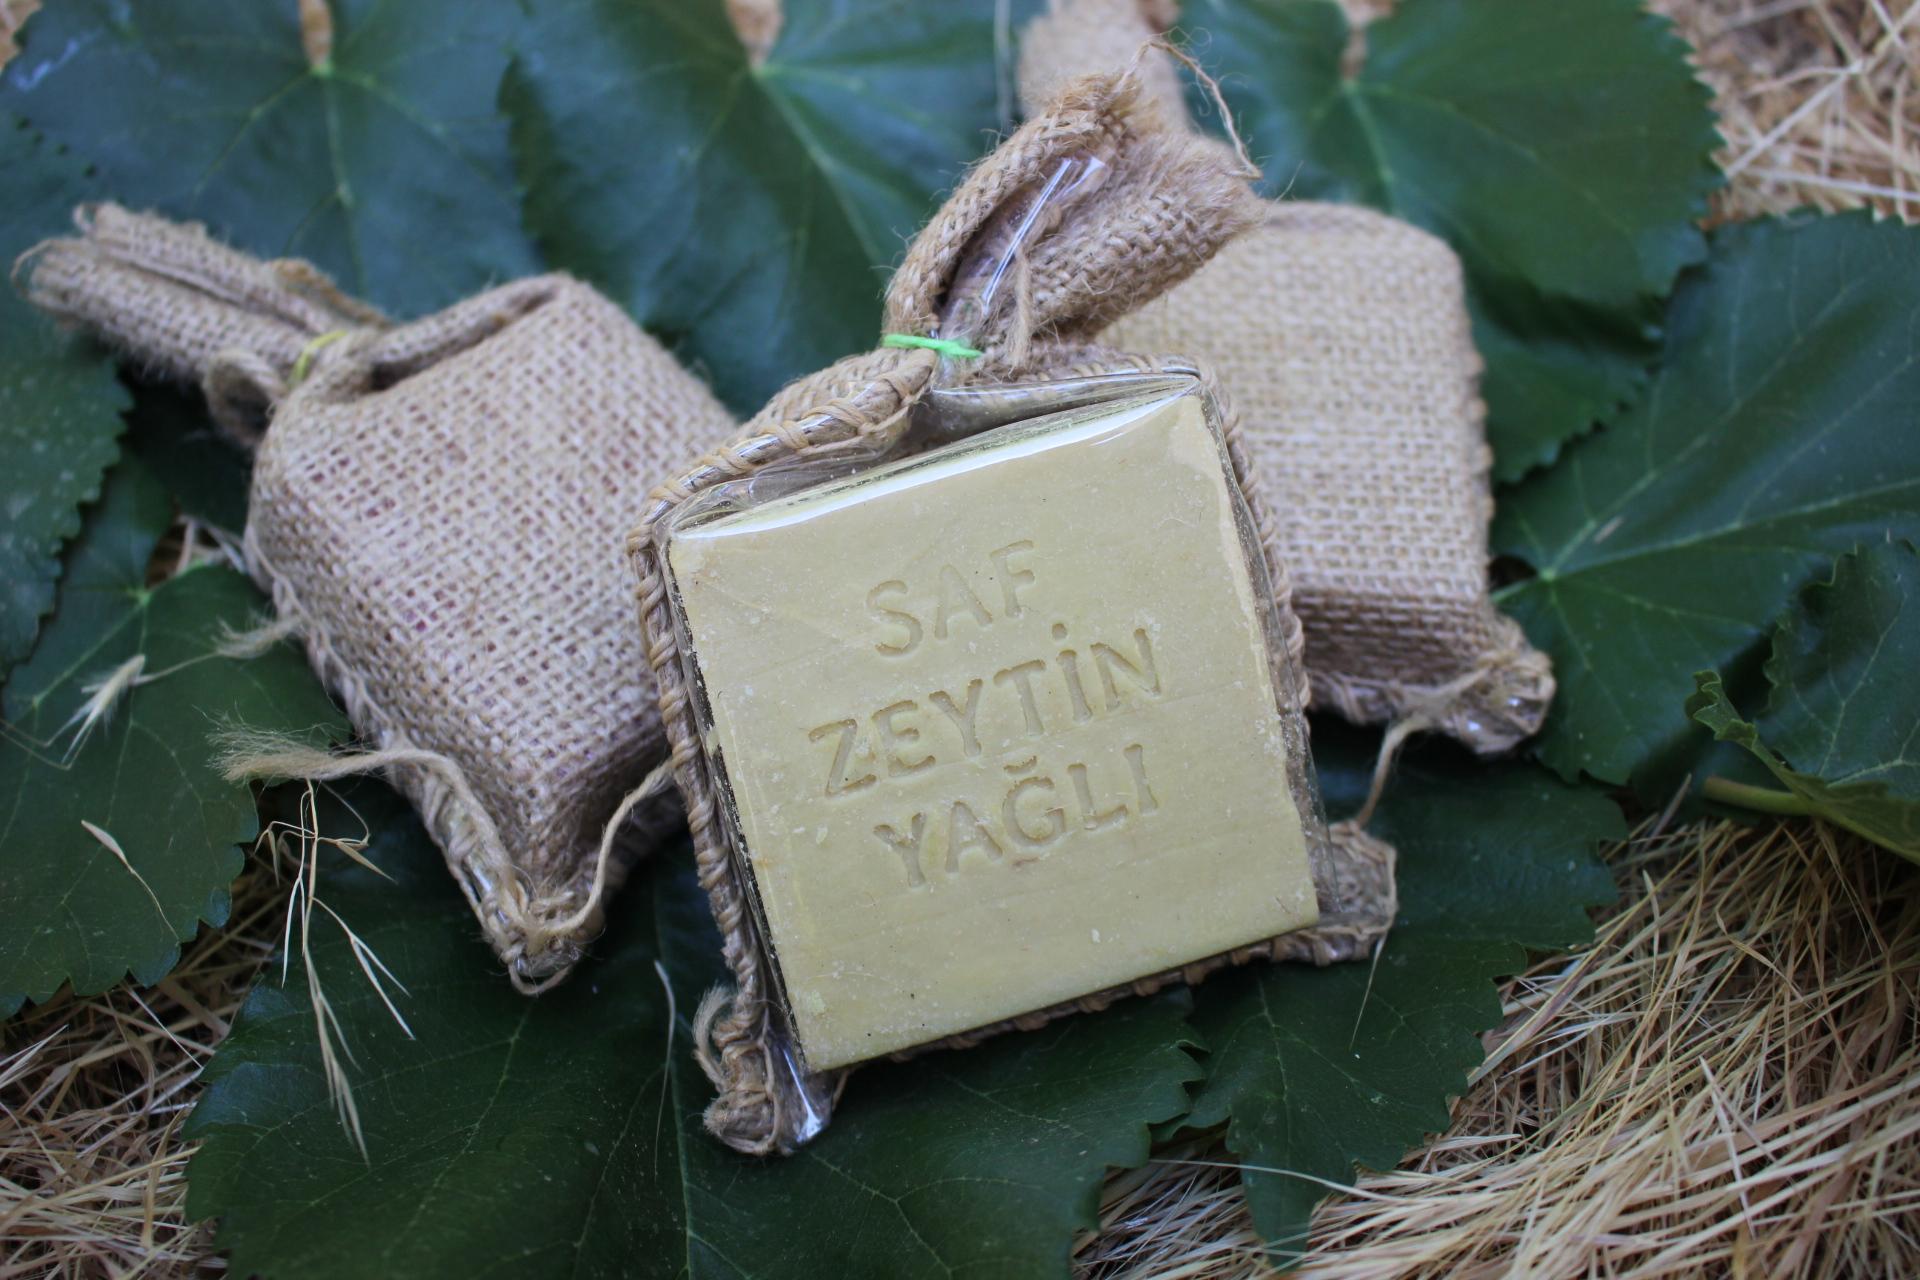 Saf Zeytinyağlı Sabun